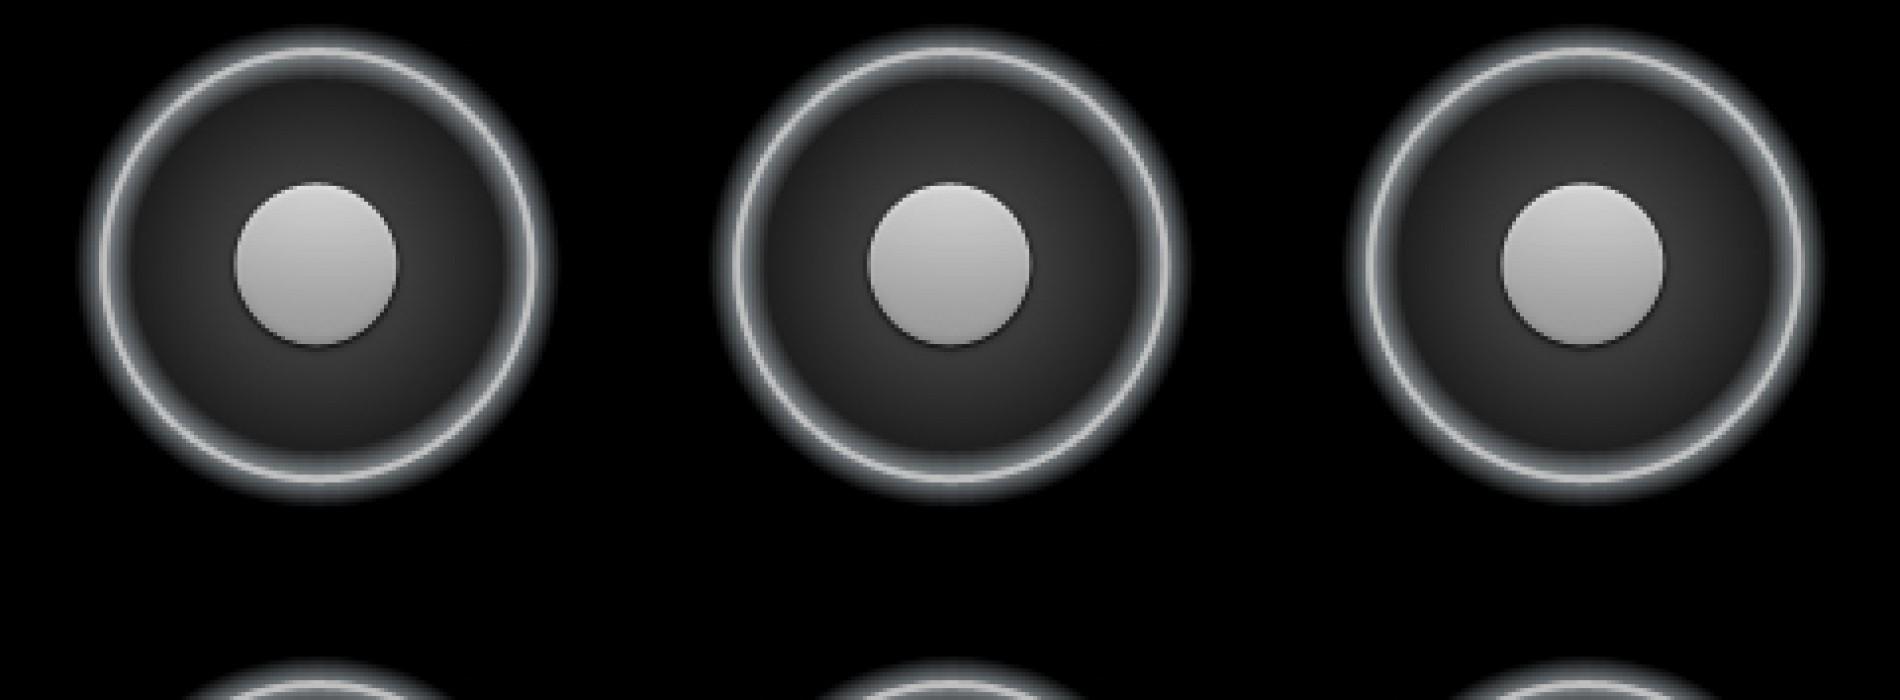 جالكسي اس 2 | قفل الشاشه شرح بالصور لاختيار انواع قفل الشاشه